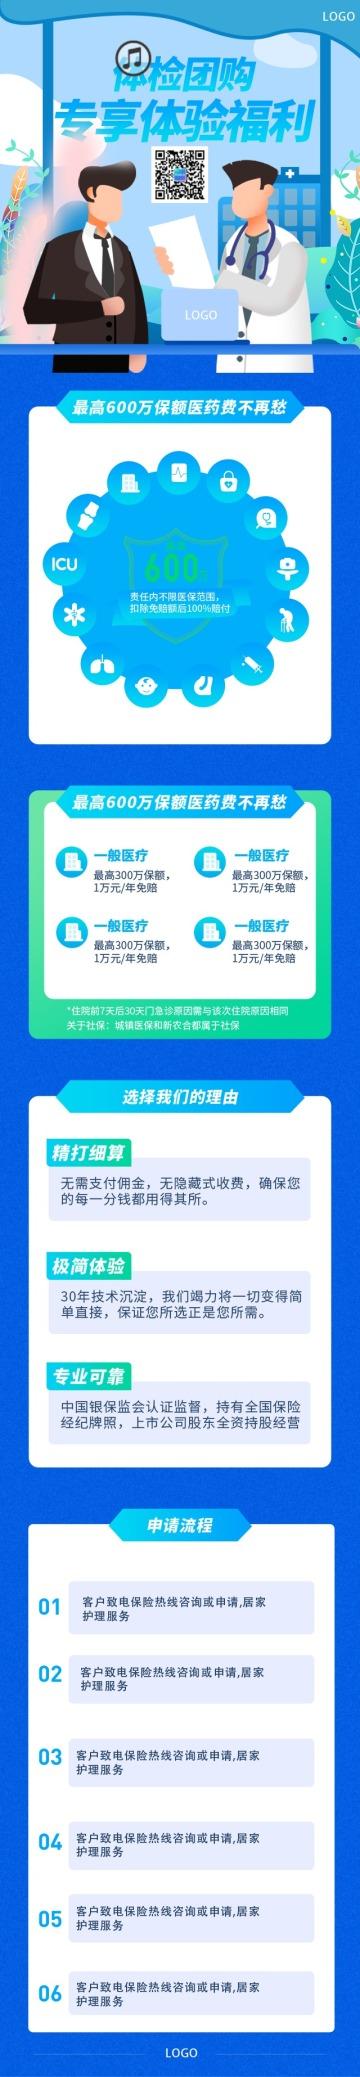 蓝色体检团购保险促销宣传信息H5长图